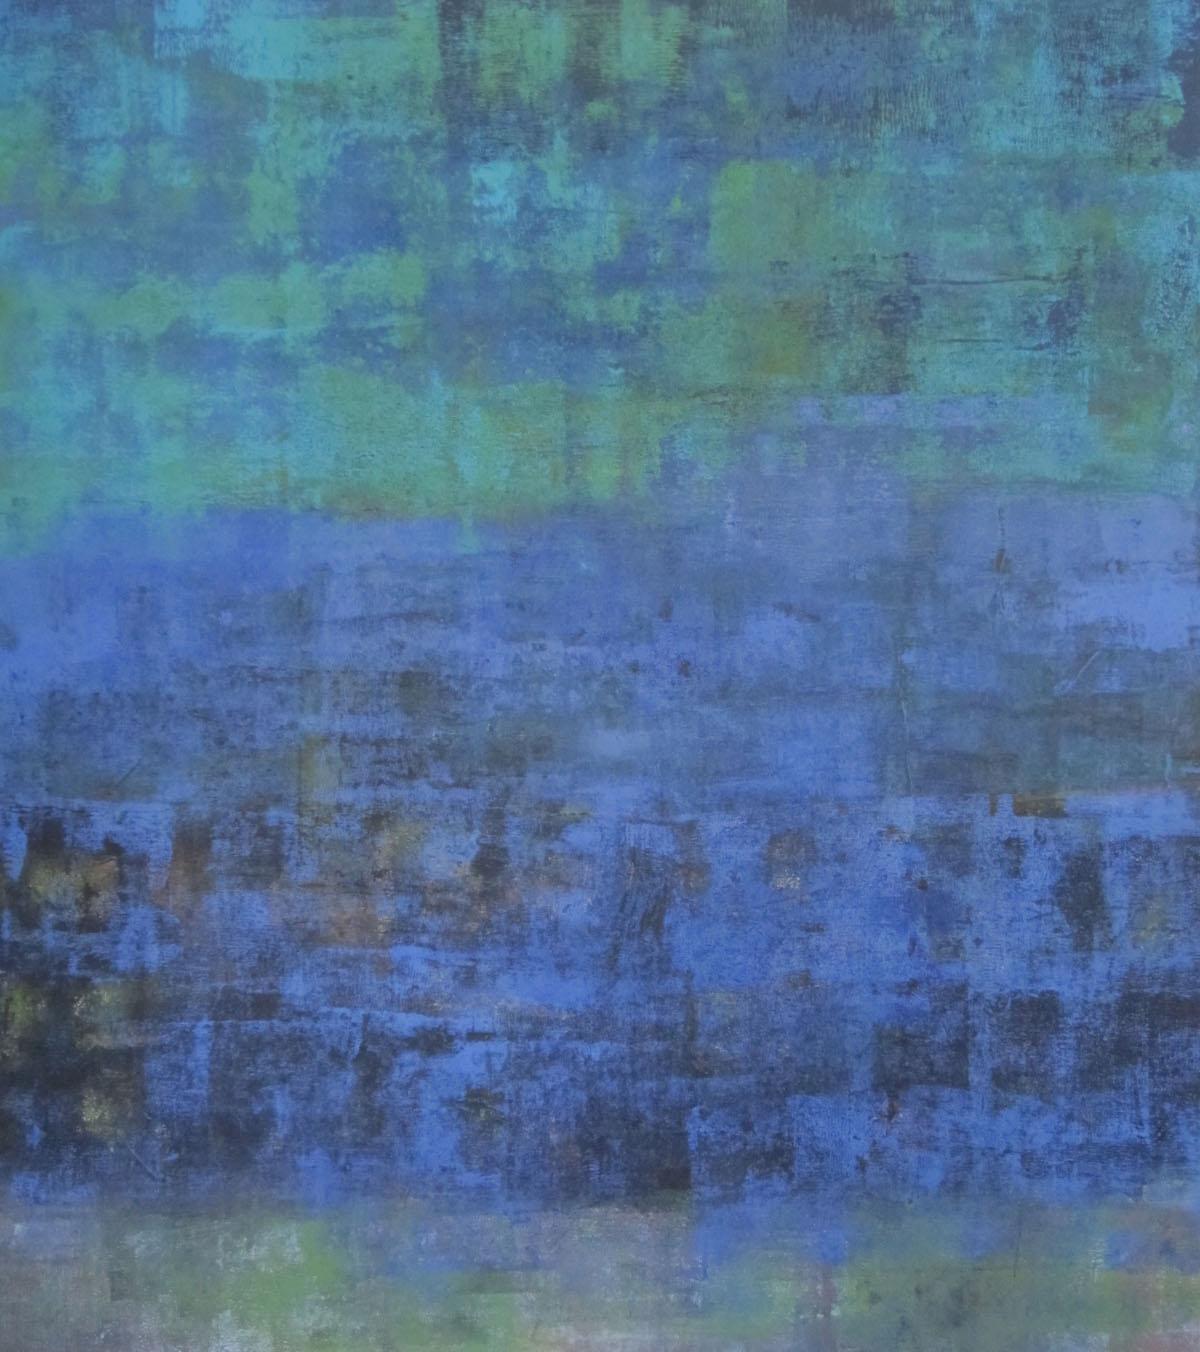 ohne Titel, Mischtechnik auf Leinwand, 90x80cm, 2013